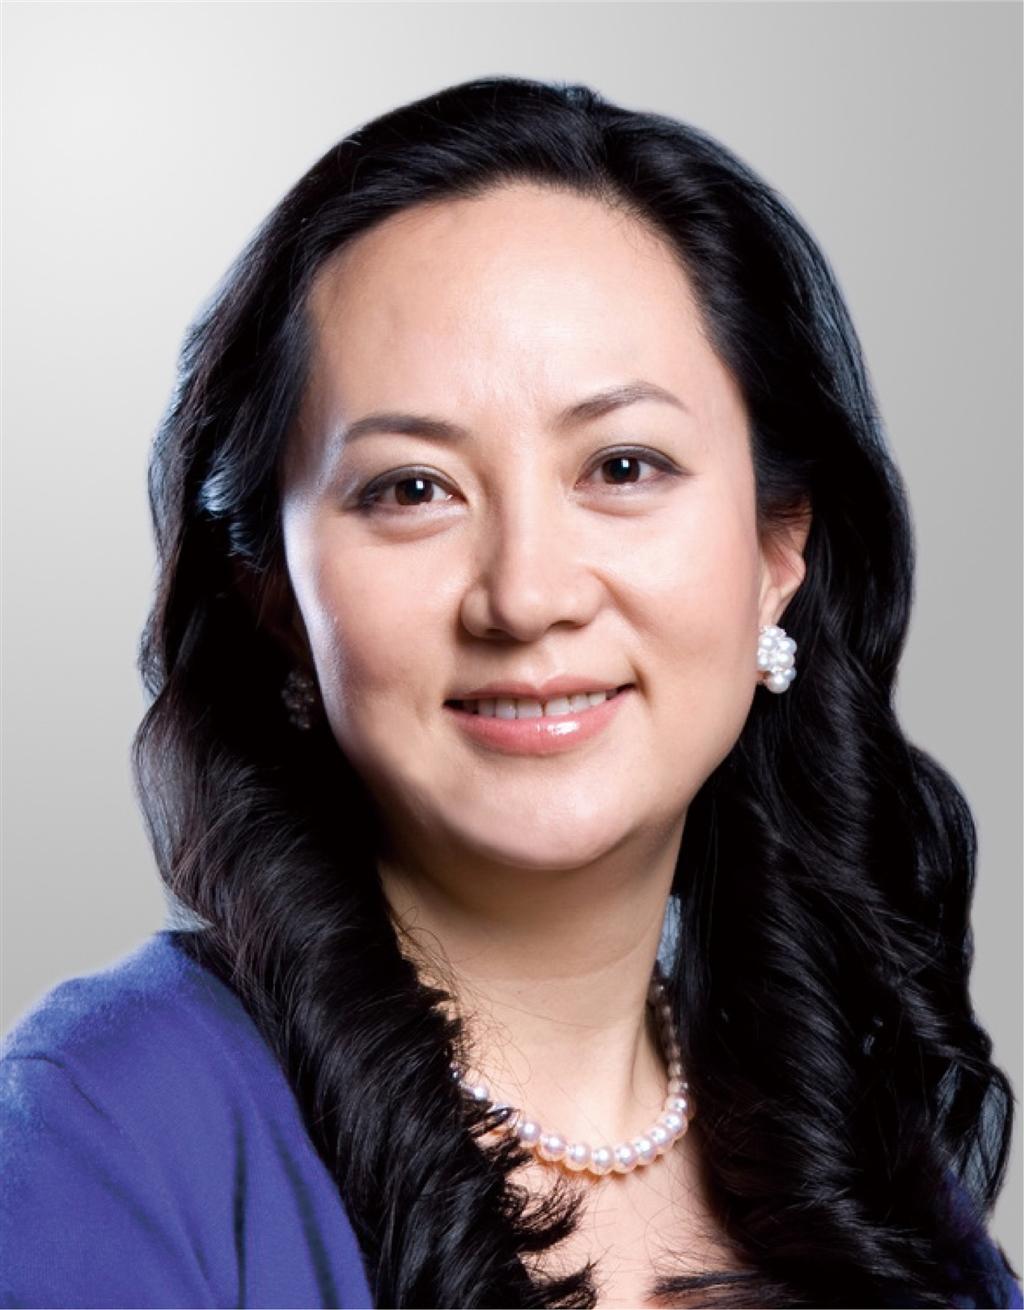 華為技術公司的全球財務長孟晚舟在加拿大遭到逮捕。(圖取自華為網頁huawei.com)